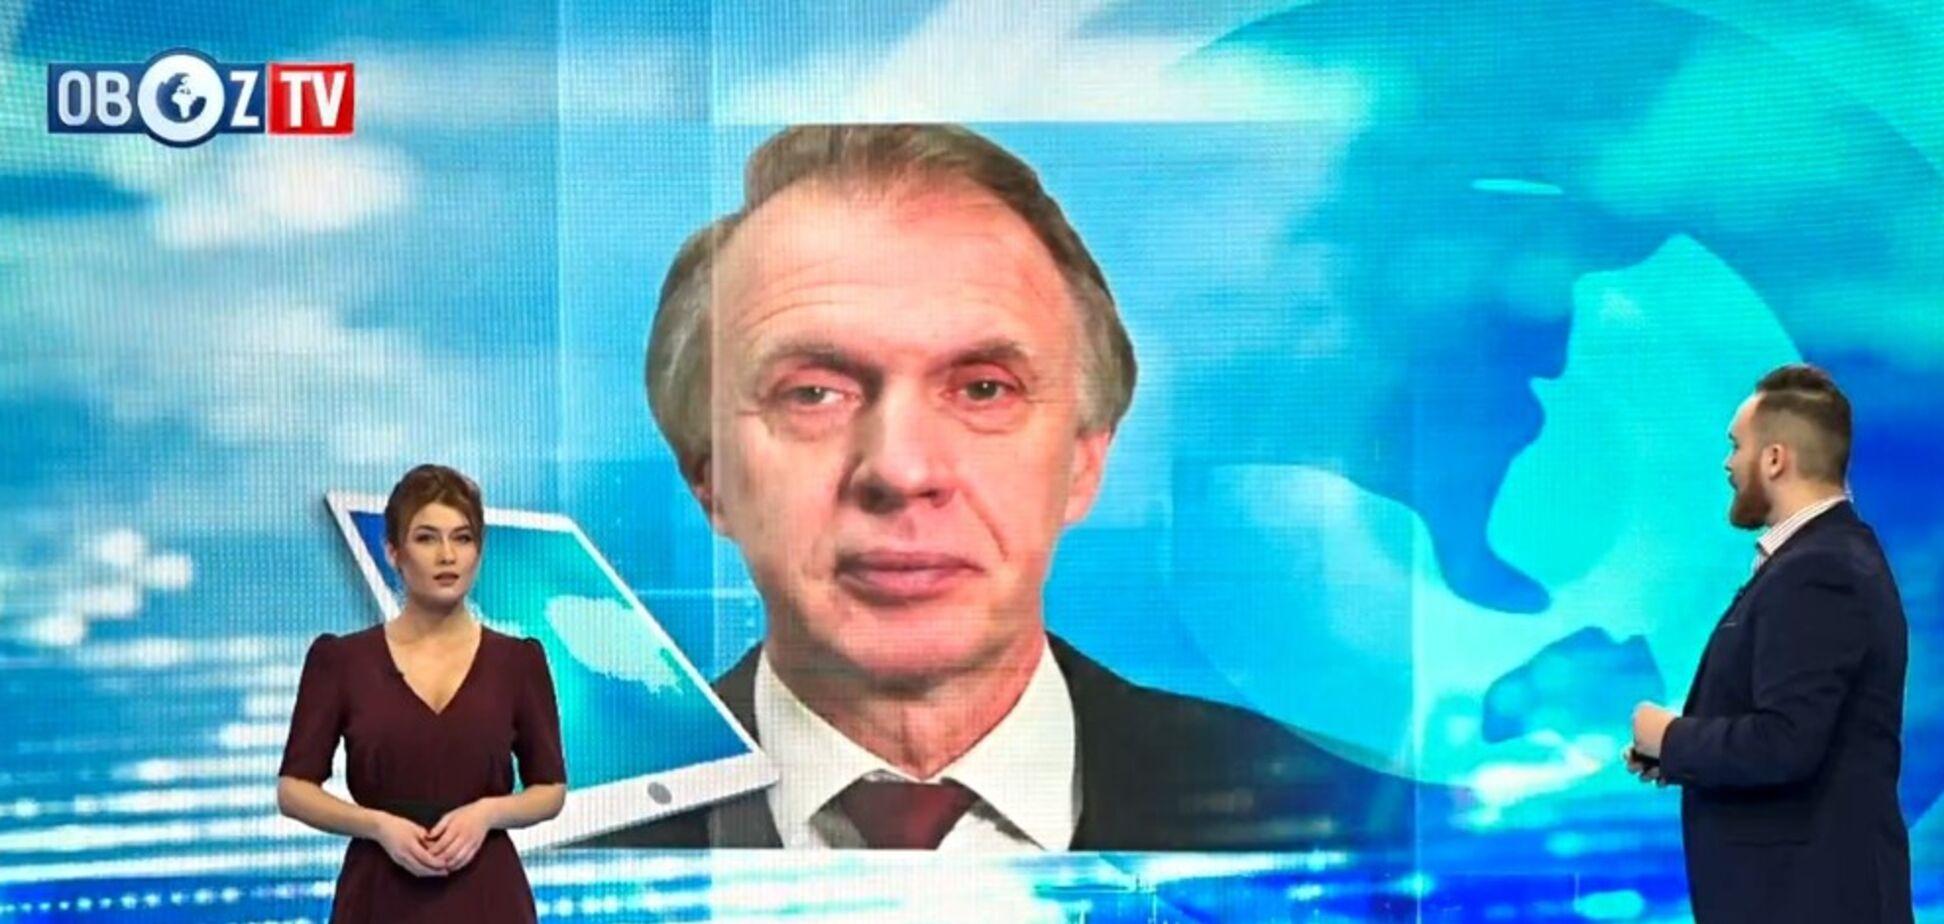 Заяви Помпео про окупований Крим: коментар дипломата